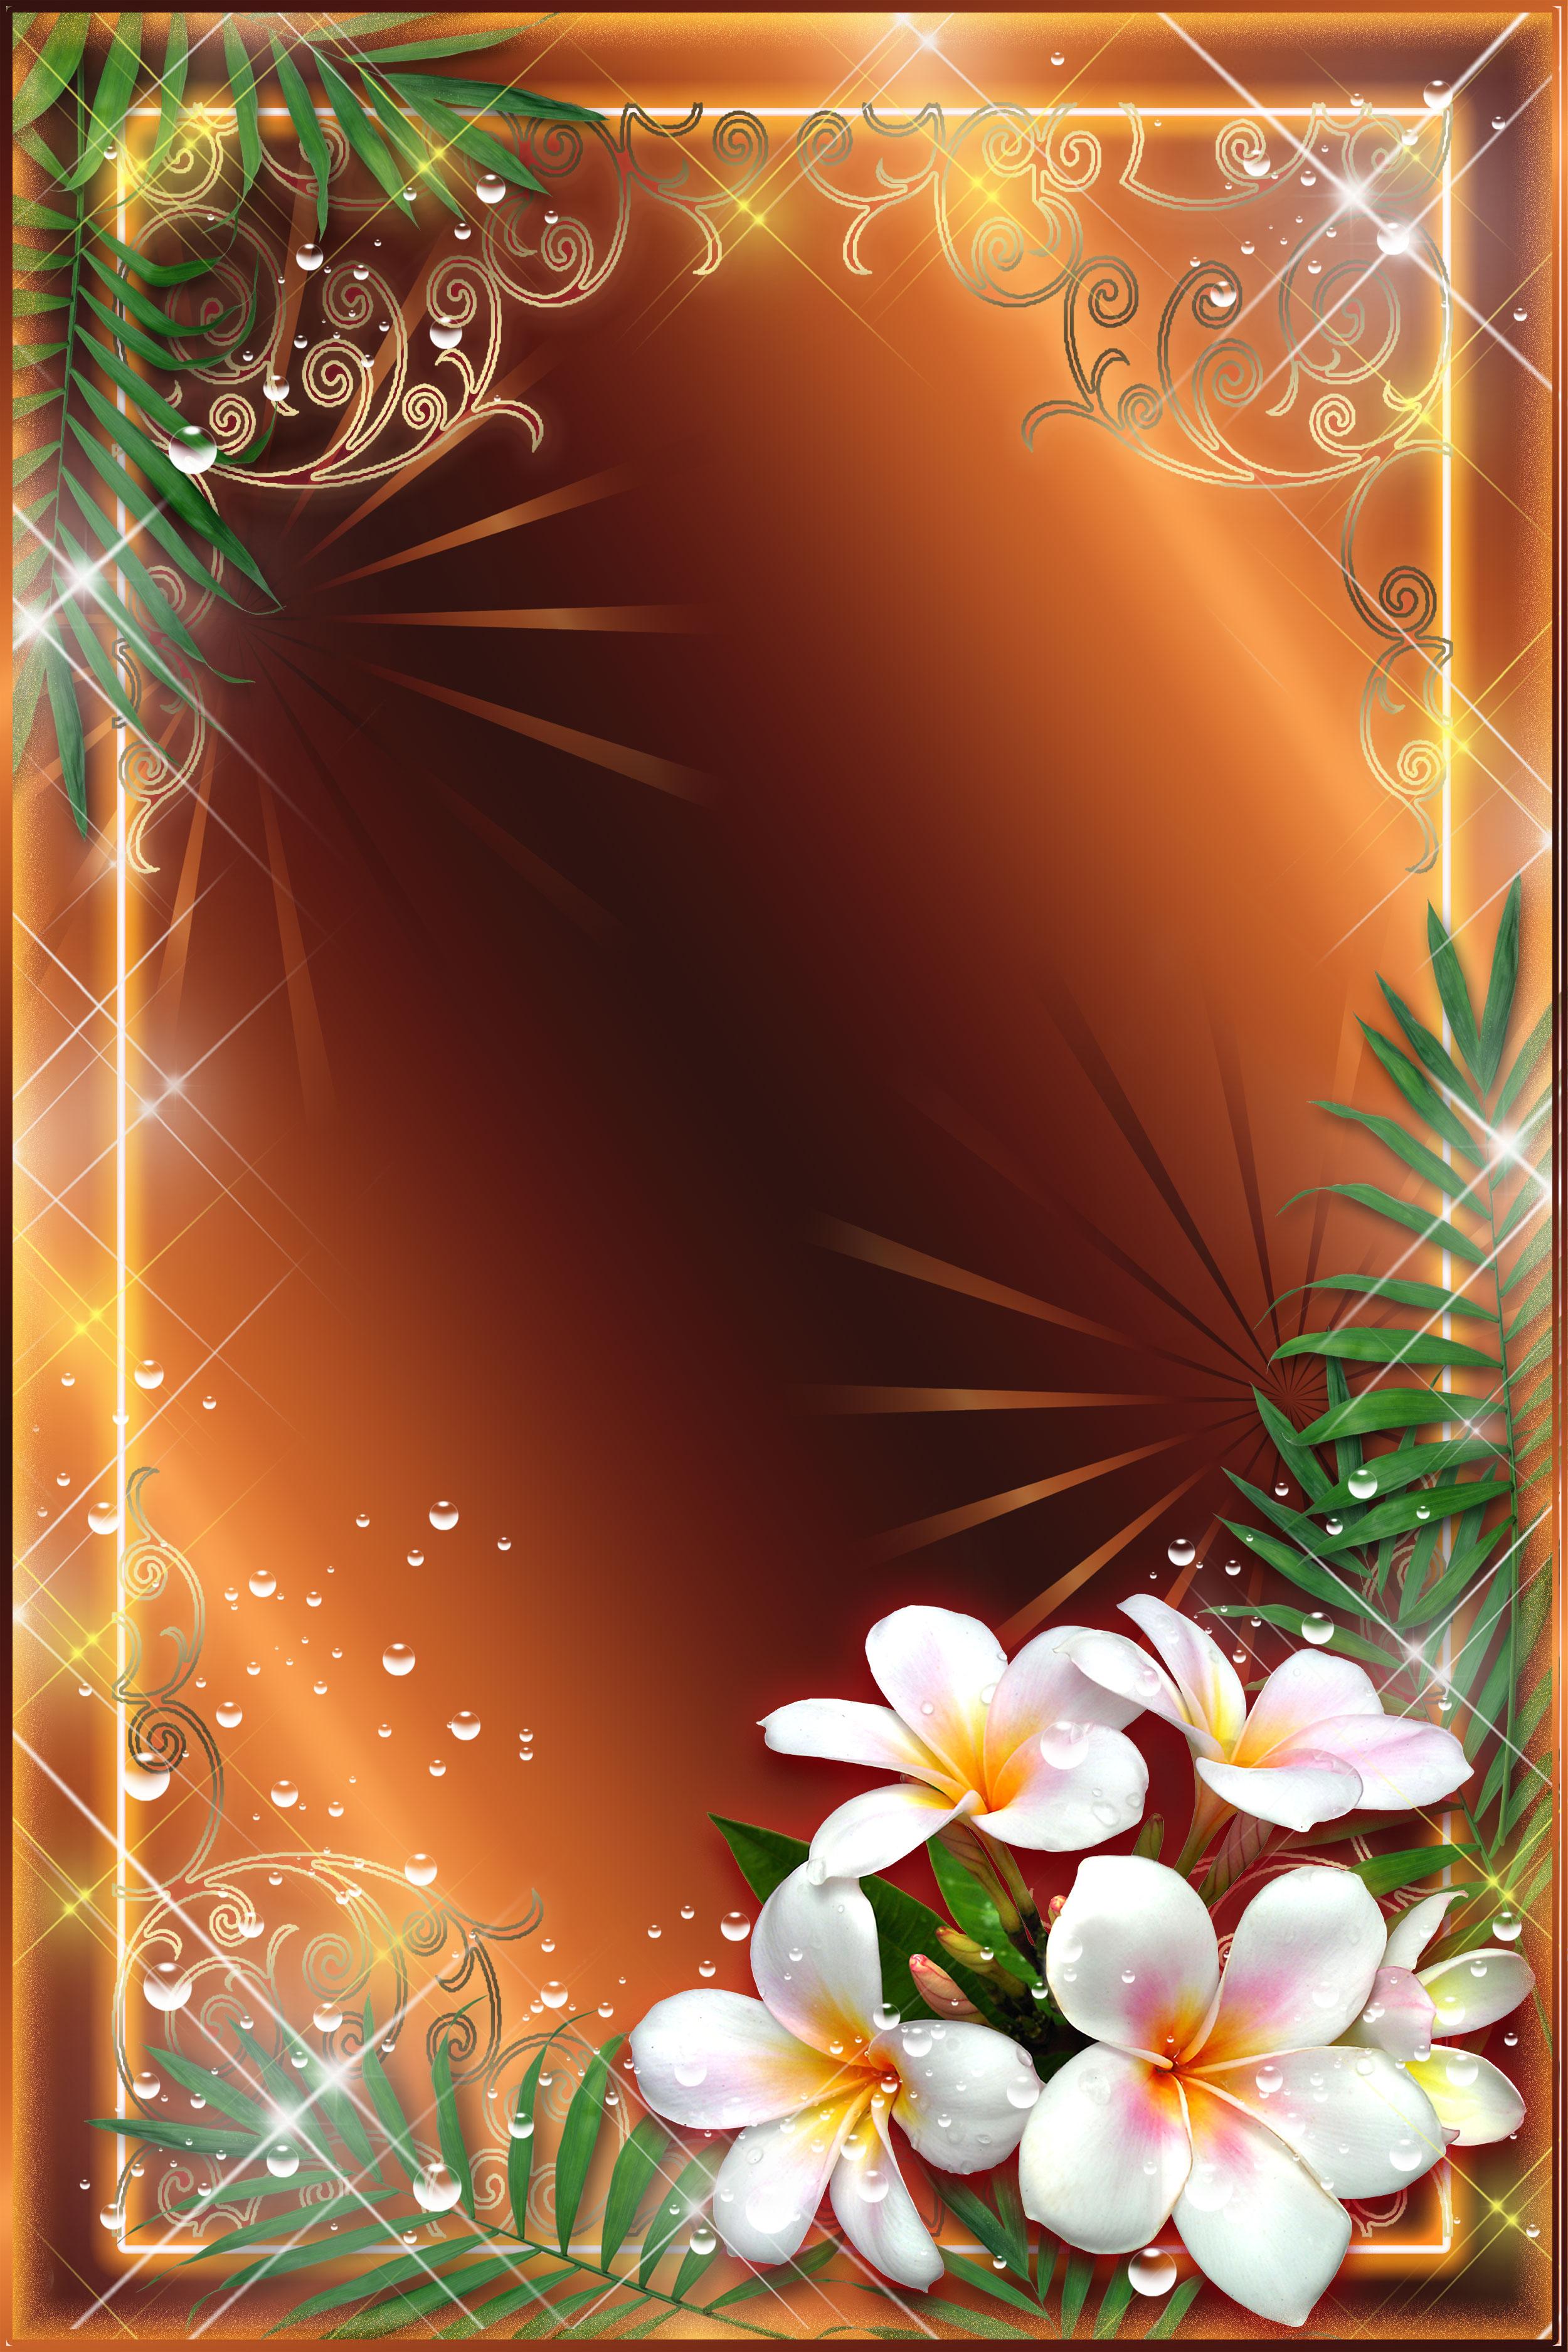 壁紙 背景イラスト 花のフレーム 外枠 No 072 プルメリア